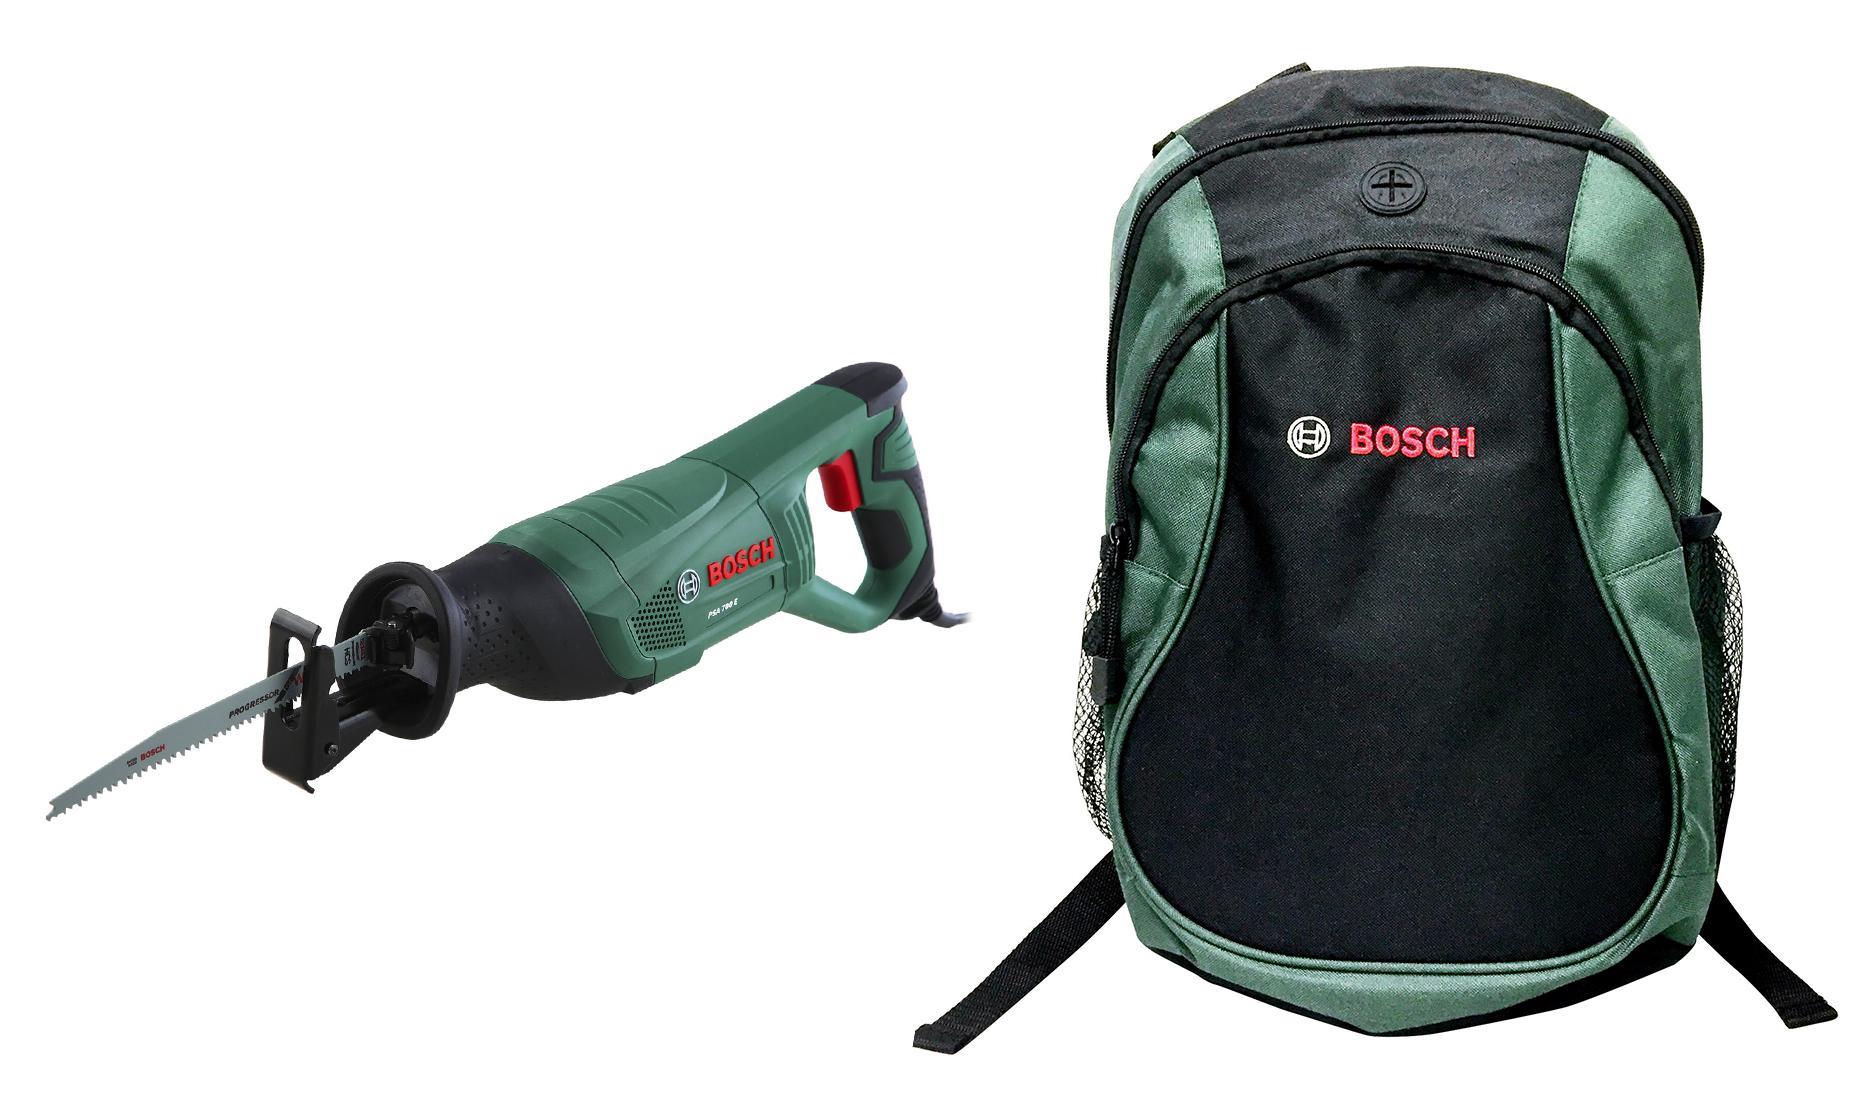 цена на Набор Bosch Ножовка psa 700 e (06033a7020) + рюкзак green (1619g45200)